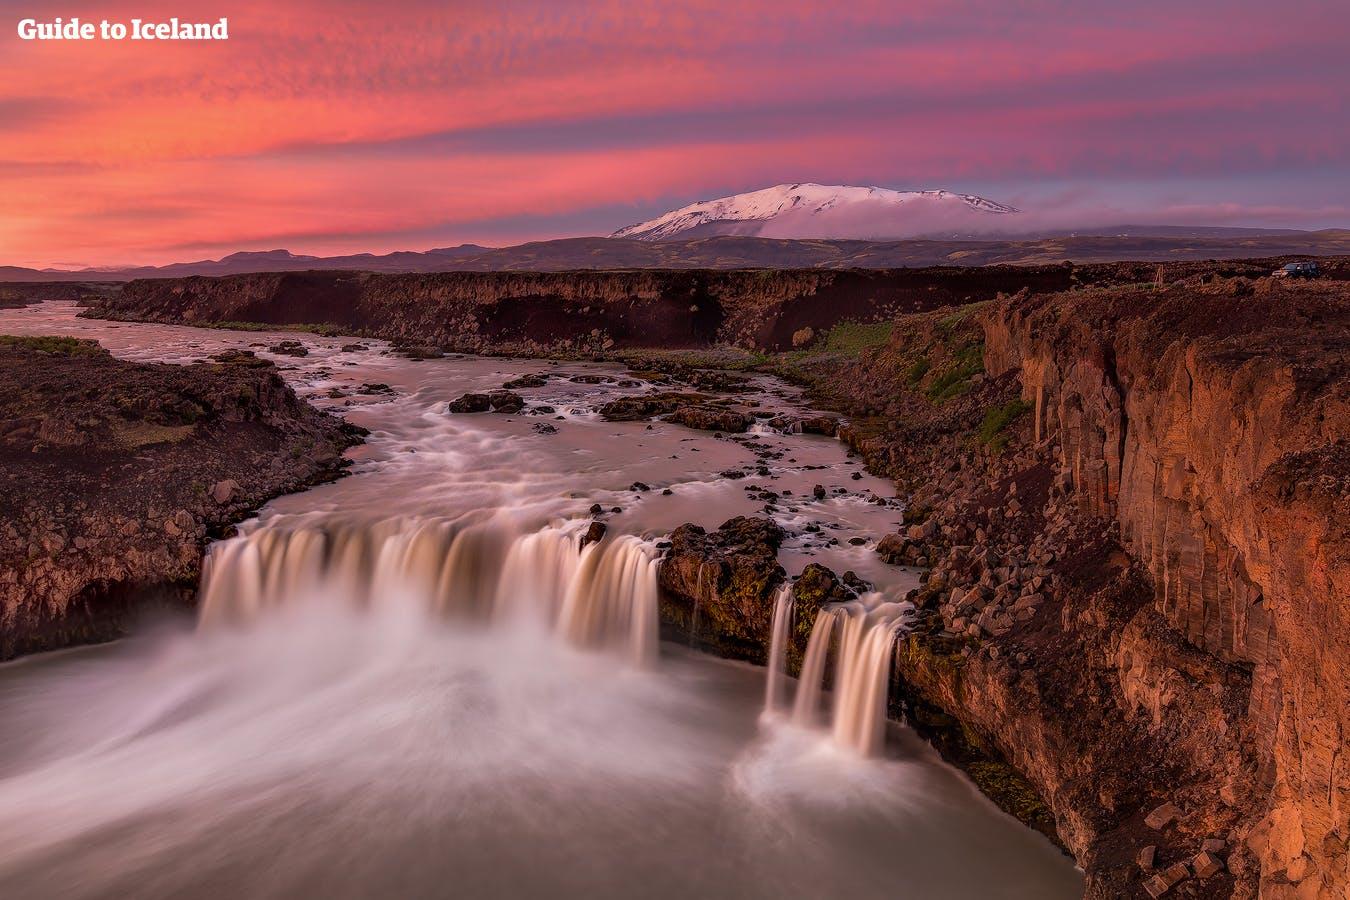 아이슬란드 백야의 빛으로 물든 폭포